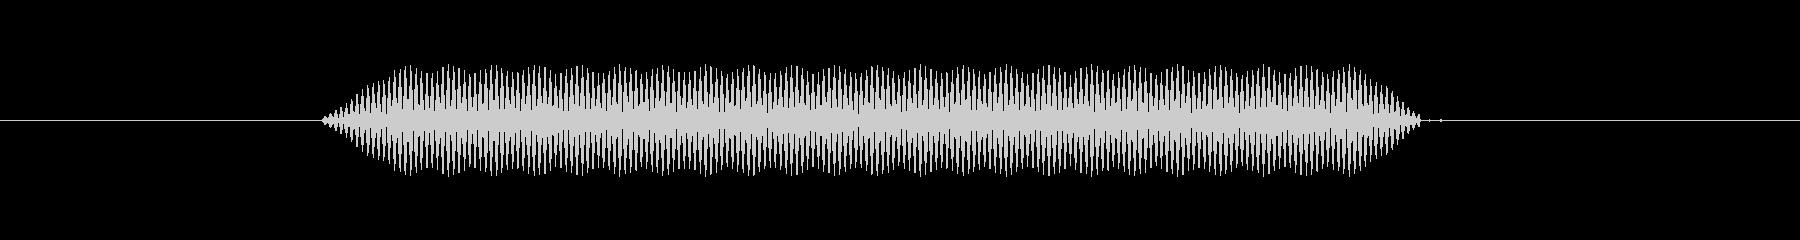 【汎用・セリフ音等】ピッ(低)の未再生の波形